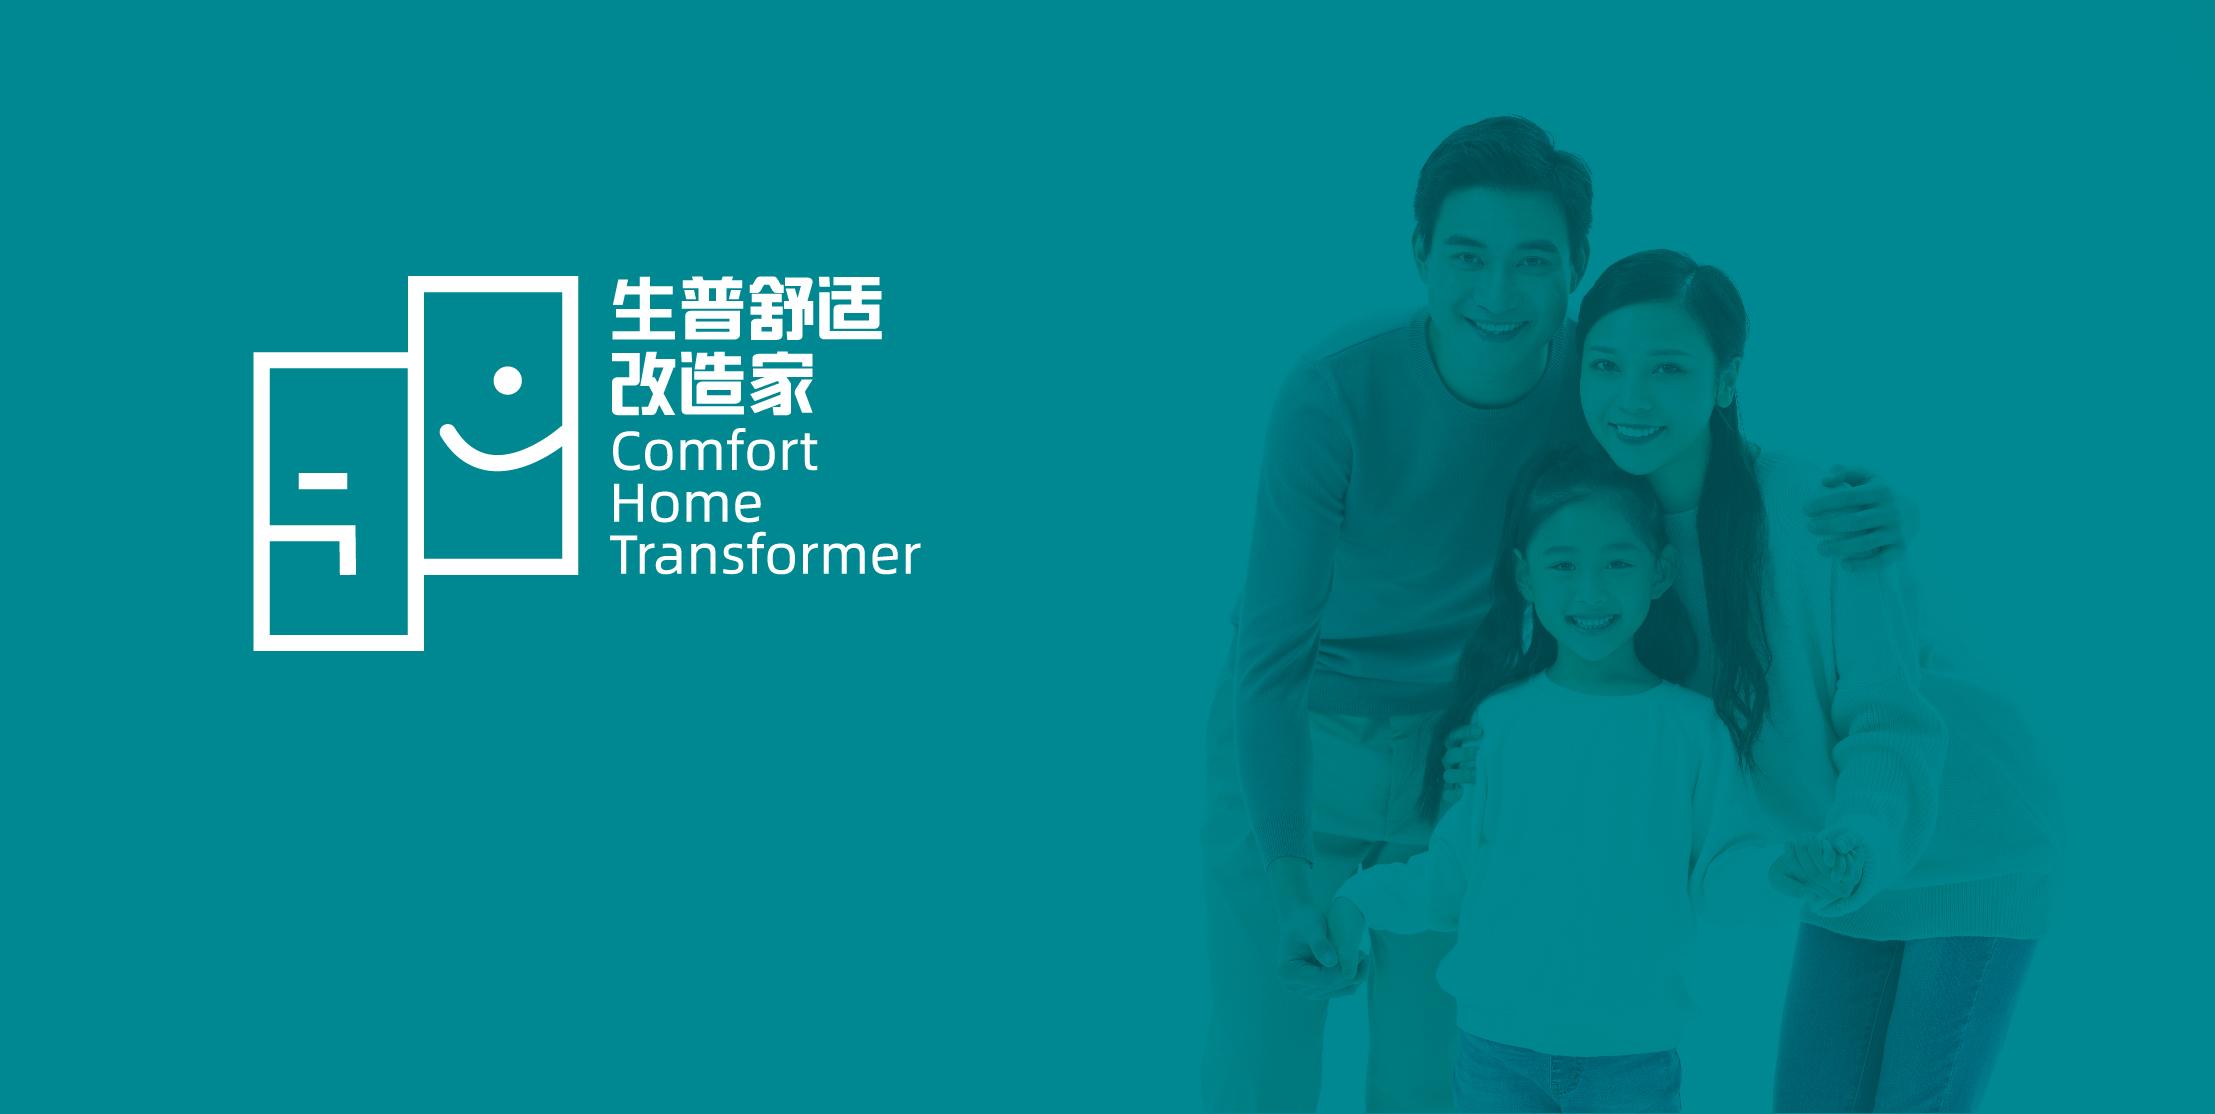 生普舒适改造家 | 弥补装修遗憾,为您打造满意舒适的家!